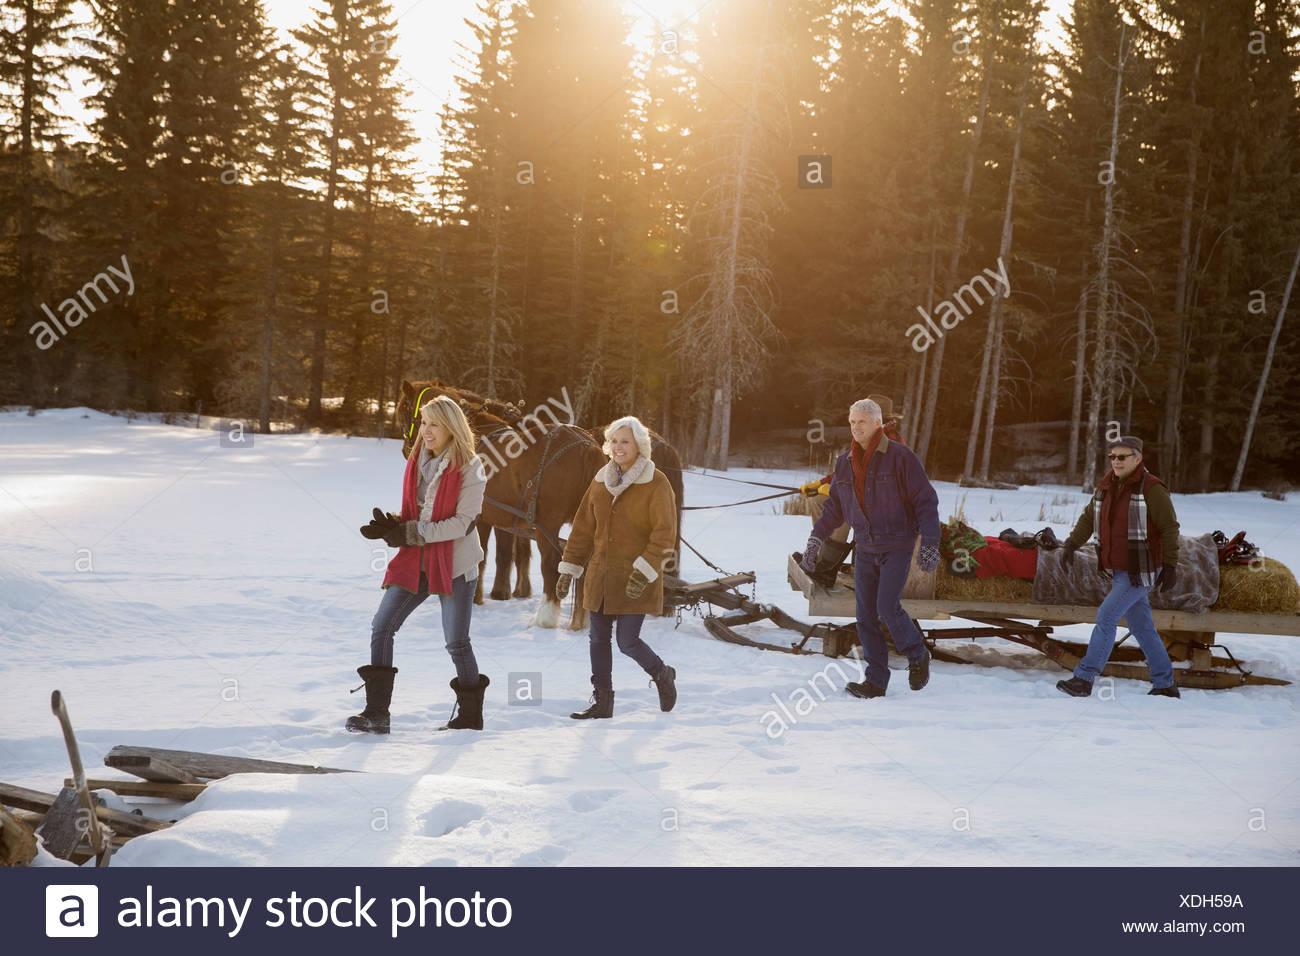 Amis marchant en traîneau tiré par des chevaux dans la neige Photo Stock